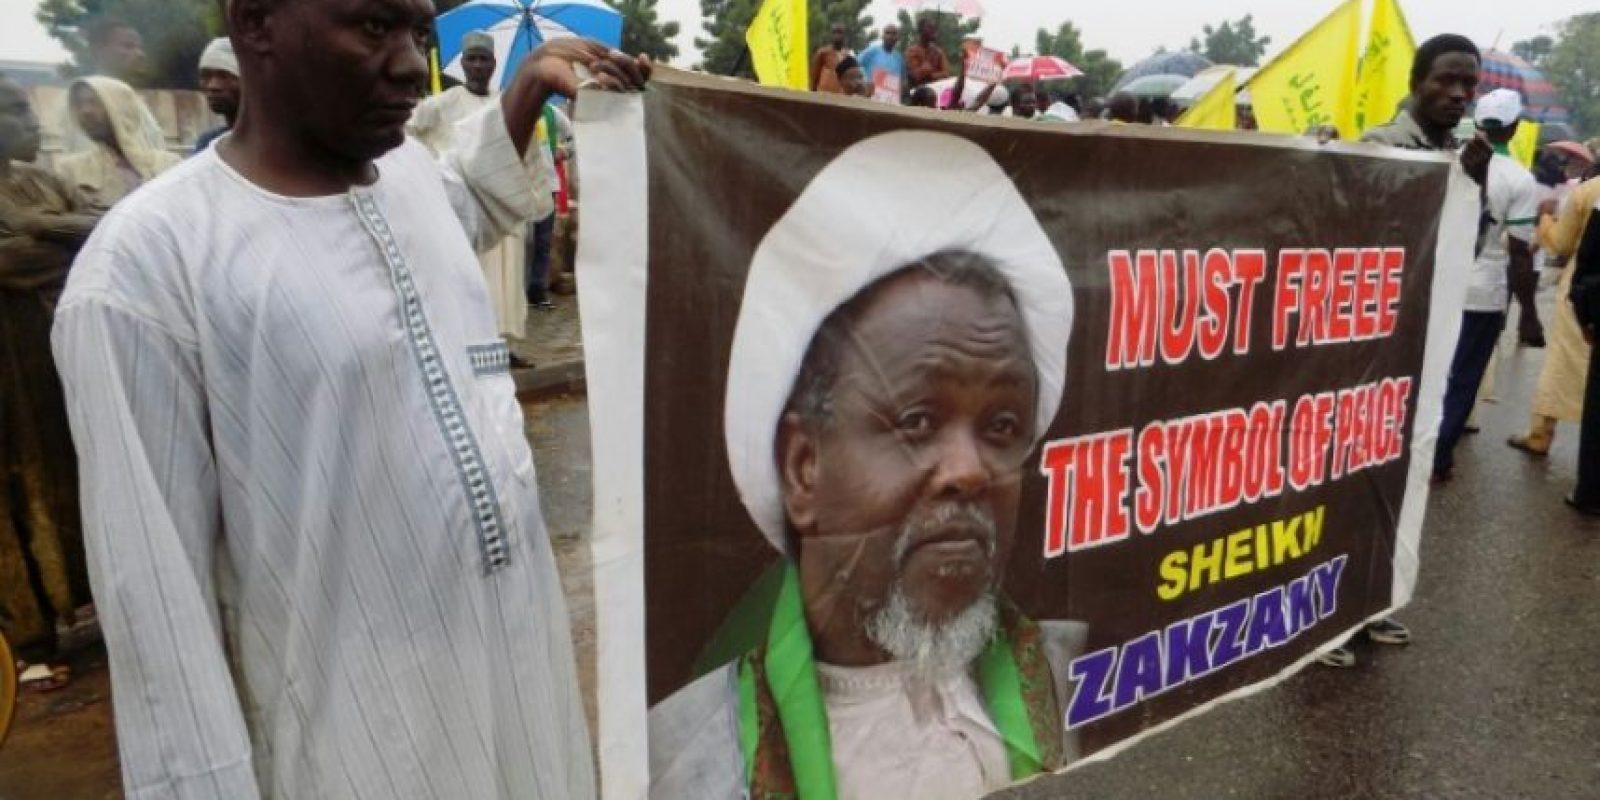 Foto tomada el 11 de agosto de 2016 en las calles de la ciudad nigeriana de Kaduna muestra a miembros del Movimiento Islámico de Nigeria (IMN), un grupo chiíta pro-iraní, demandando la libertad del líde rIbrahim Zakzaky (en el cartel) Foto:AMINU ABUBAKAR/afp.com